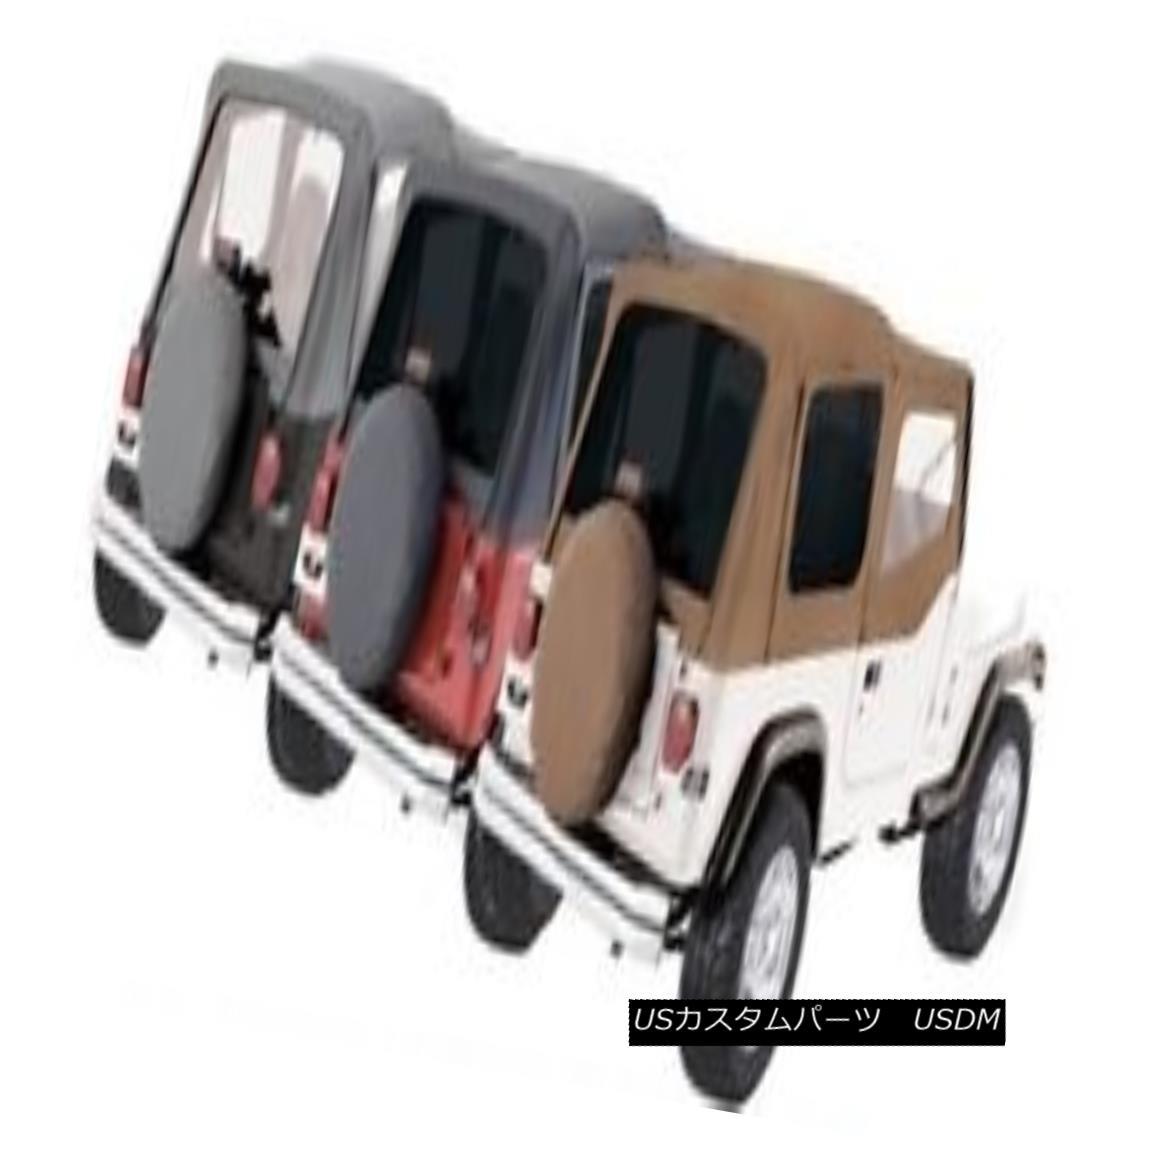 幌・ソフトトップ Rampage Factory Replacement Soft Top 88-95 Jeep Wrangler YJ 99415 Denim Black Rampage Factory Replacementソフトトップ88-95ジープラングラーYJ 99415デニムブラック